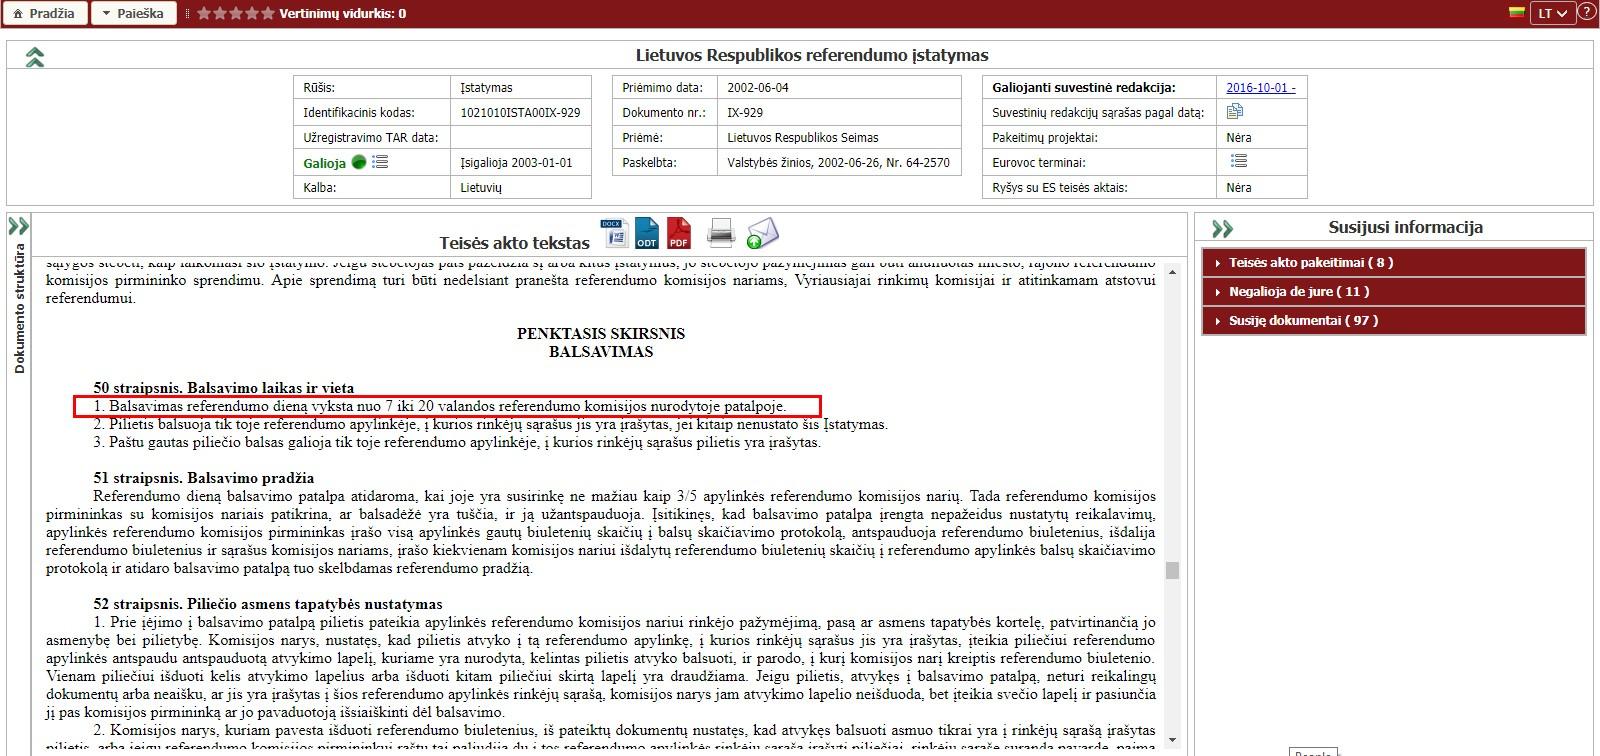 Lietuva įstojo į ES pažeisdama visus savo įstatymus